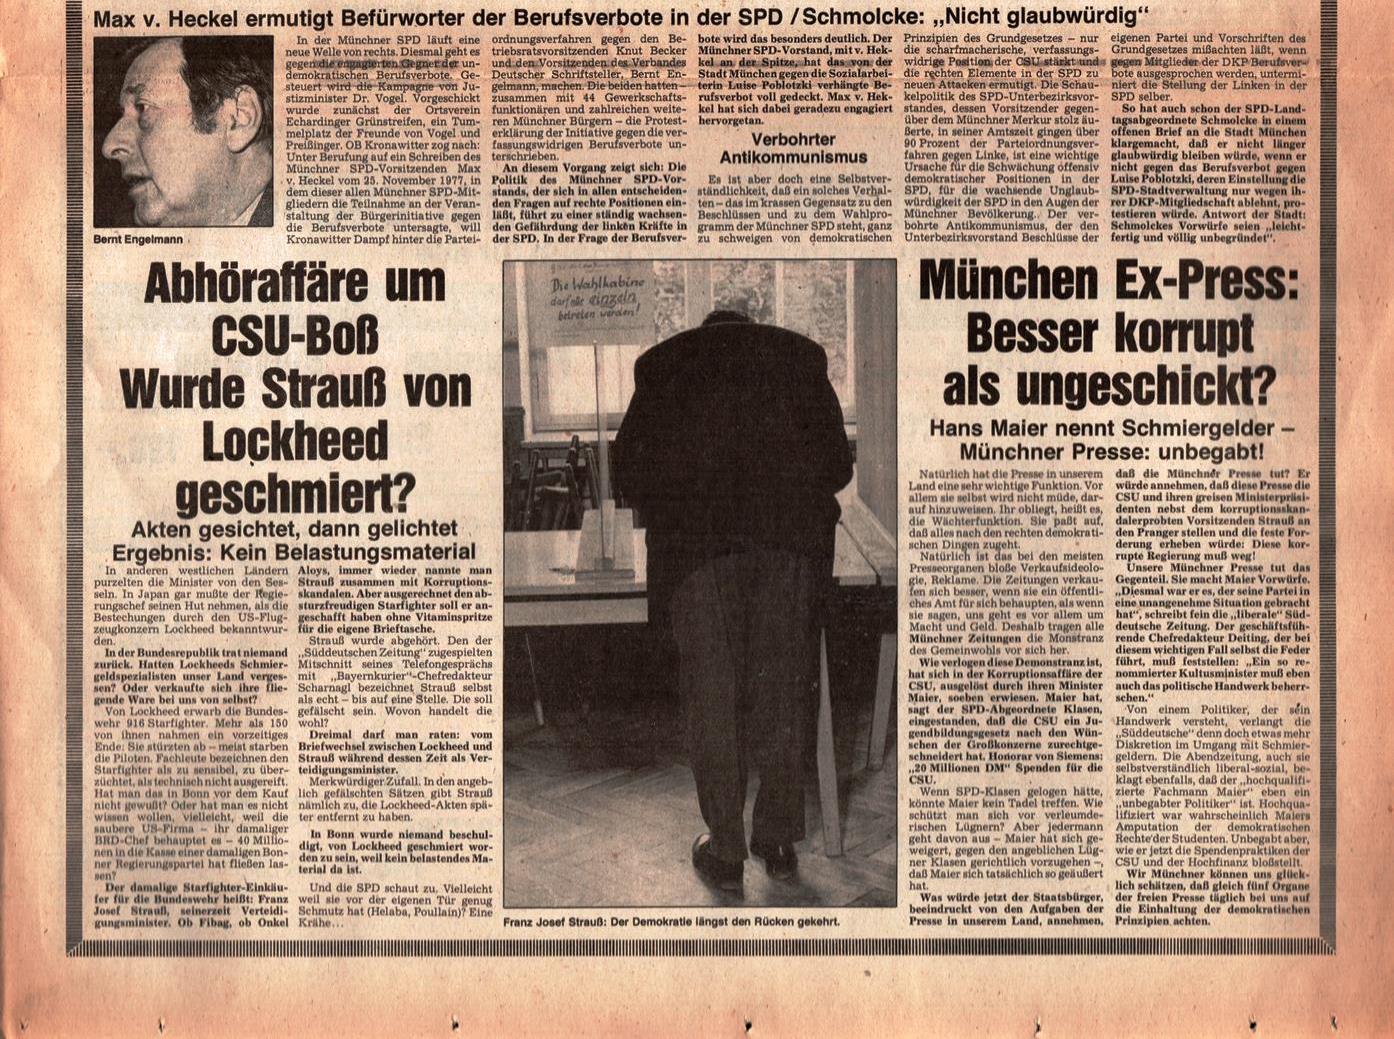 Muenchen_DKP_Neues_Muenchen_19780200_002_006